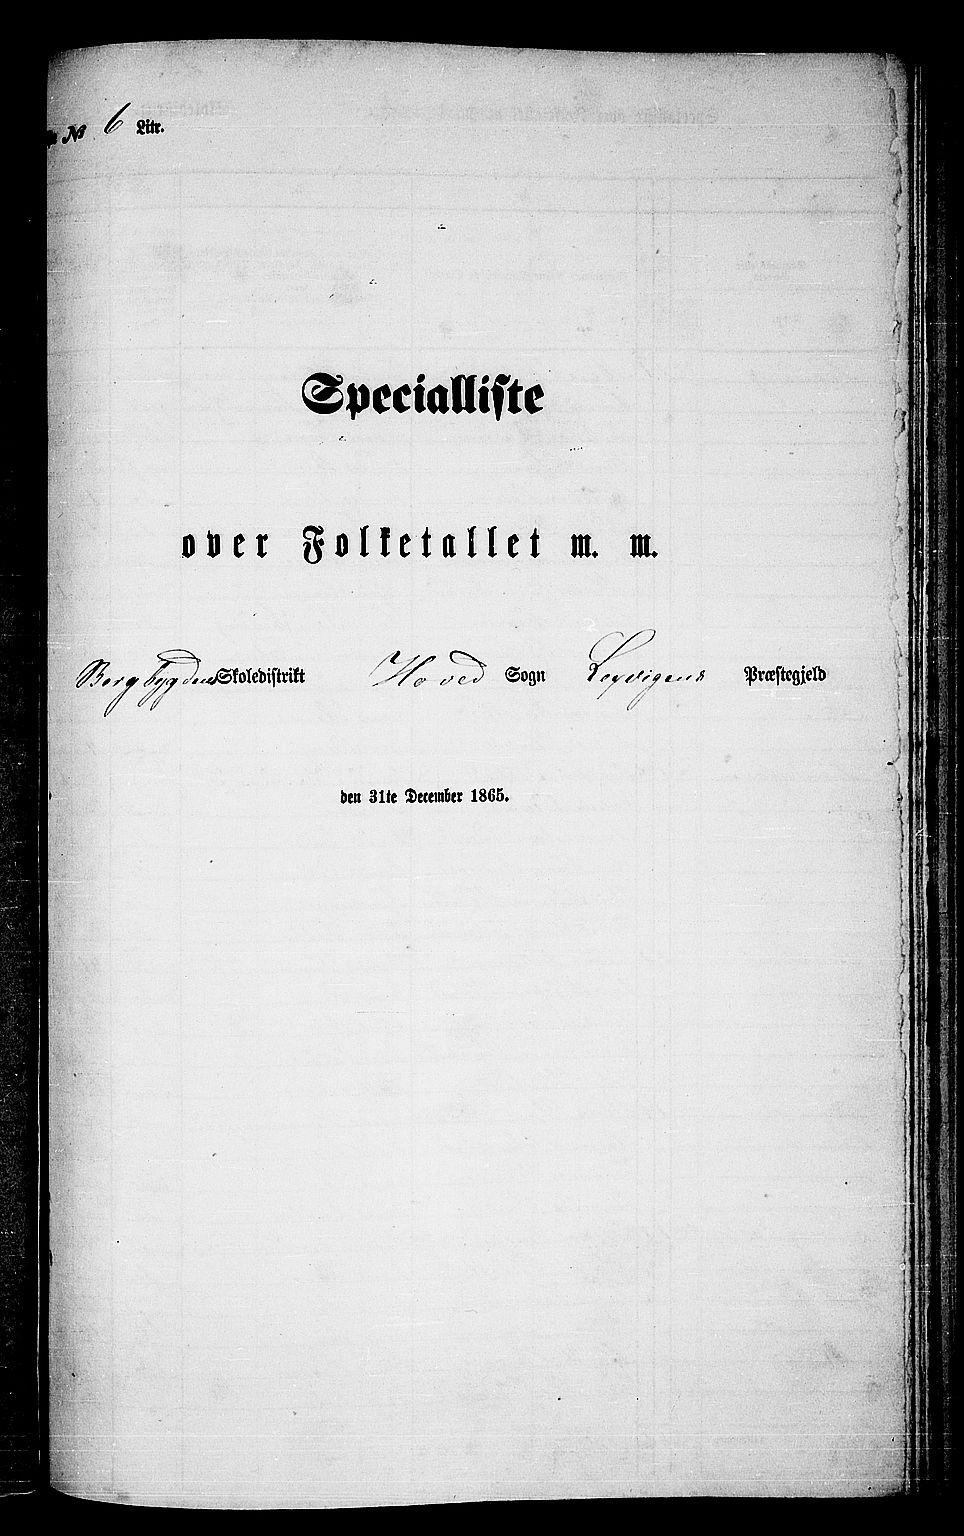 RA, Folketelling 1865 for 1718P Leksvik prestegjeld, 1865, s. 119